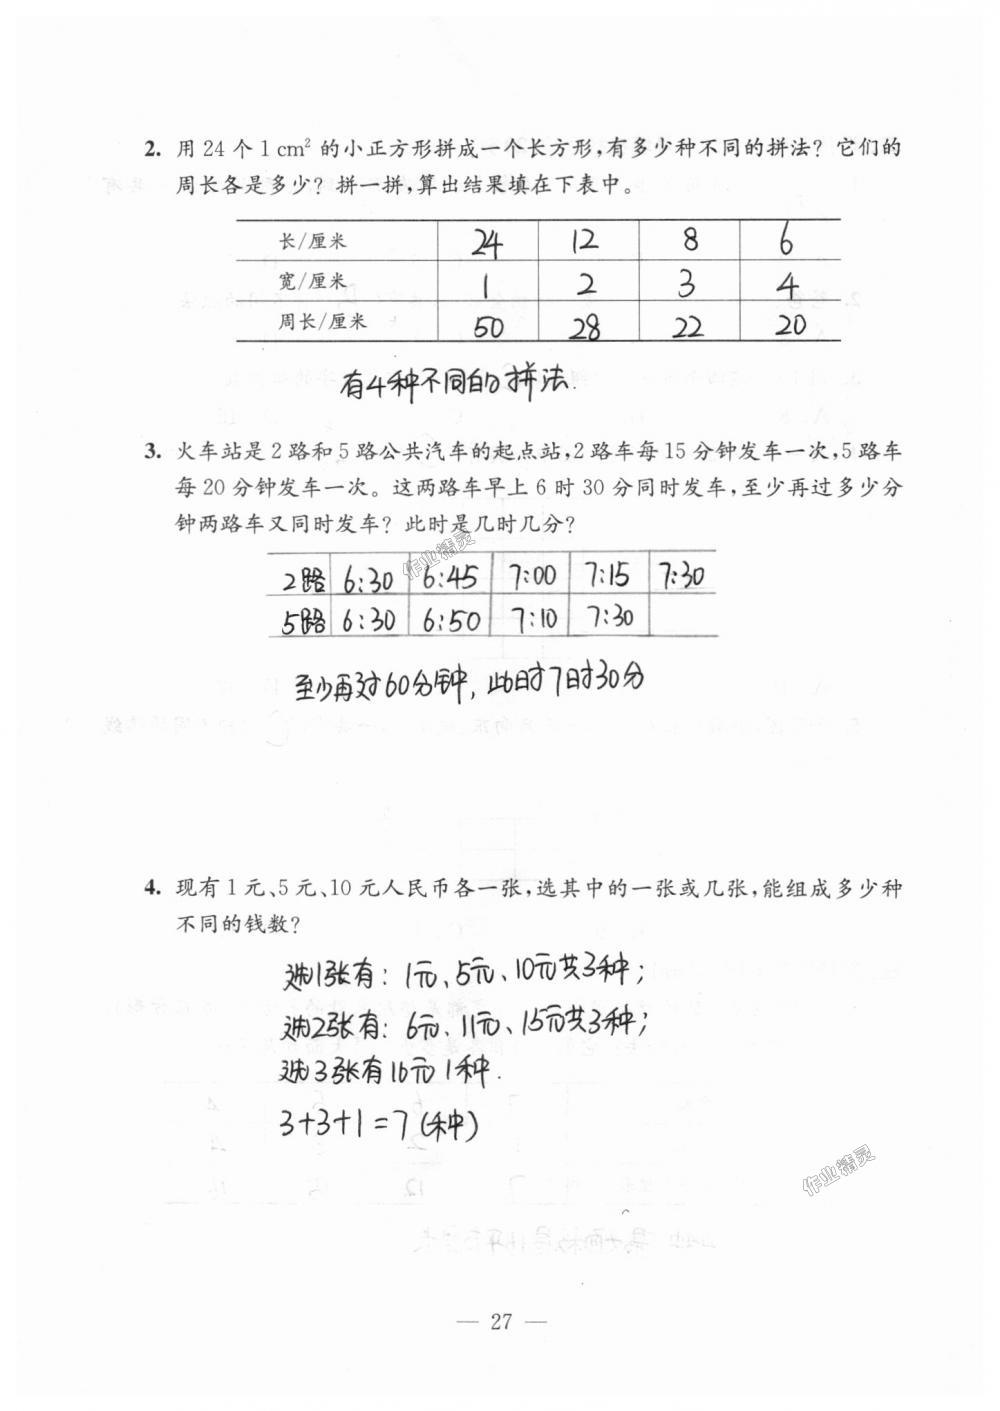 2018年练习与测试检测卷五年级数学上册苏教版第27页